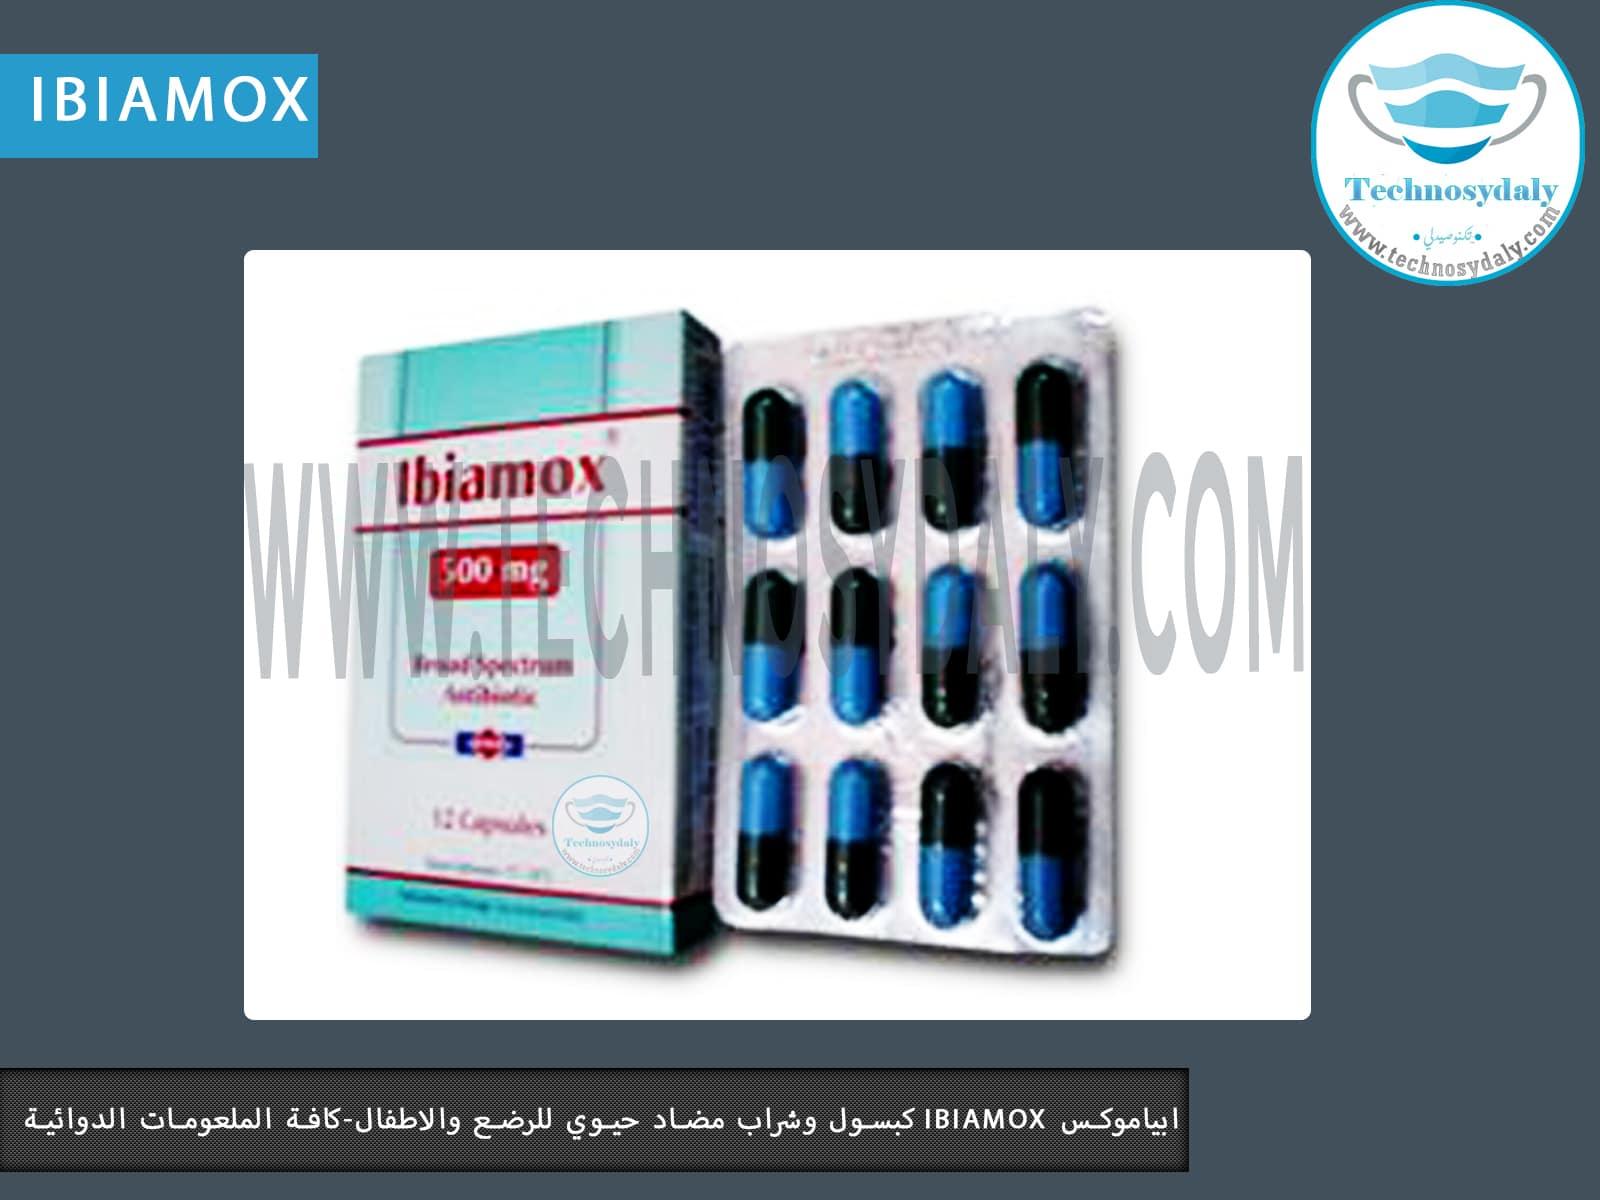 ابياموكس ibiamox كبسول وشراب مضاد حيوي للرضع